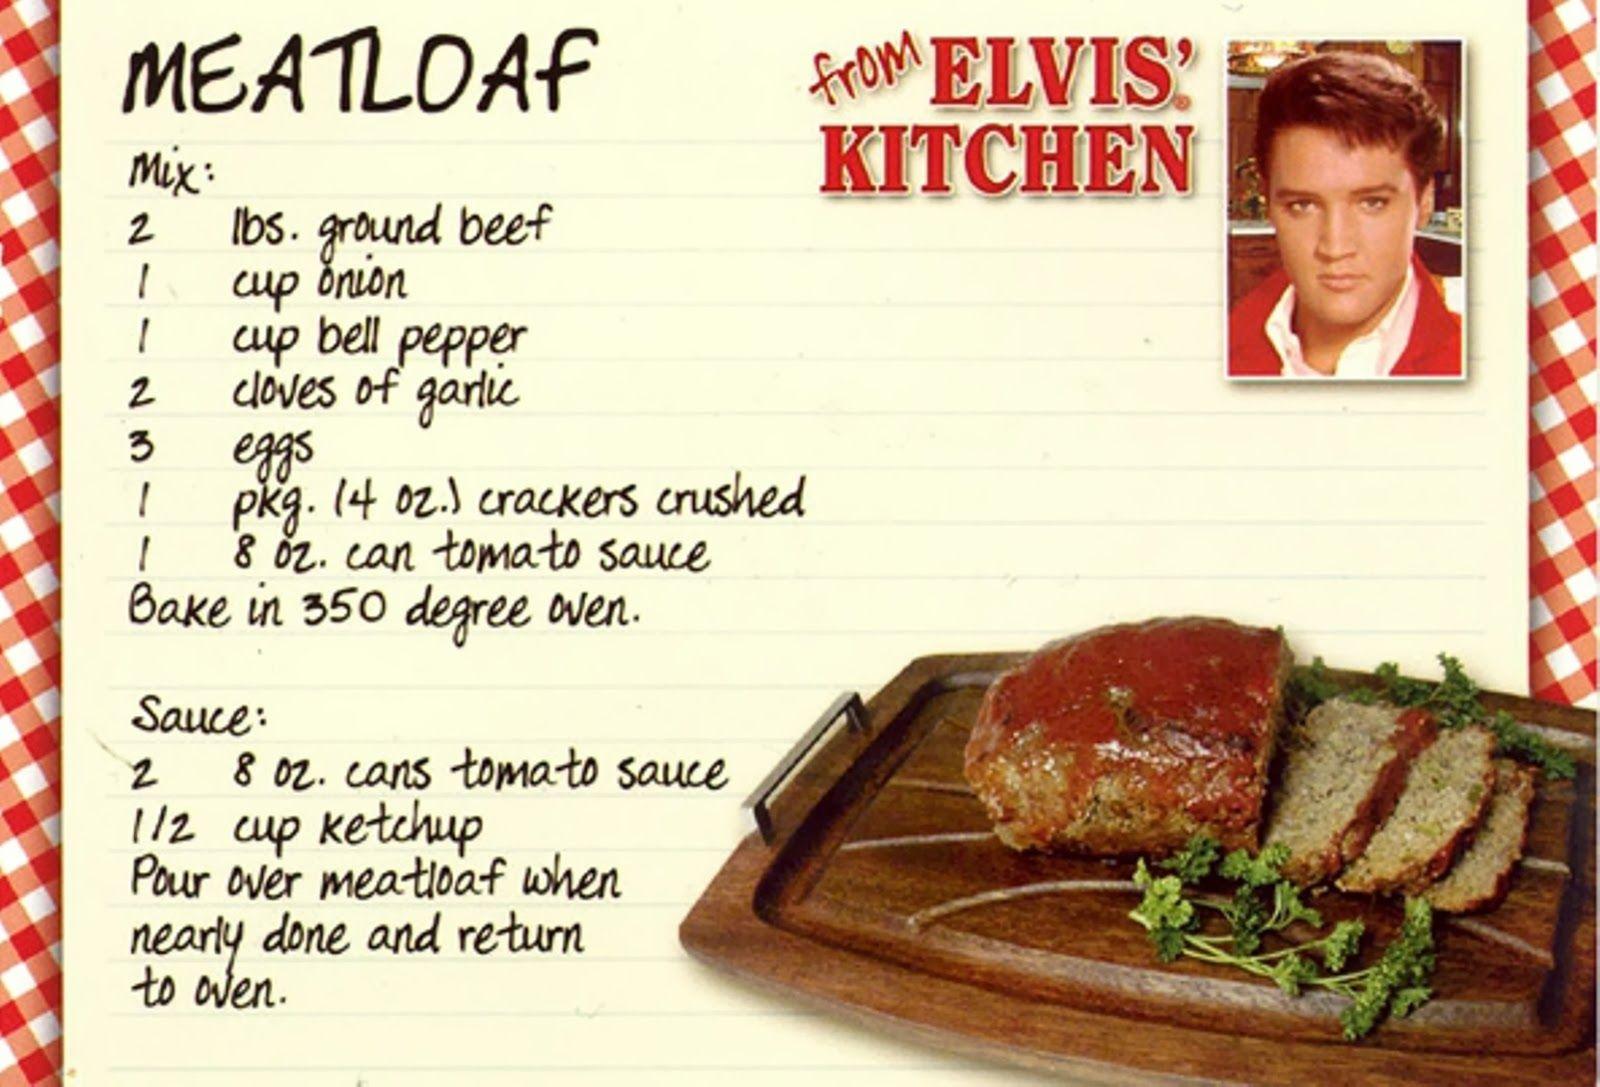 Elvis loved Christmas at Graceland including his favorite meatloaf ...